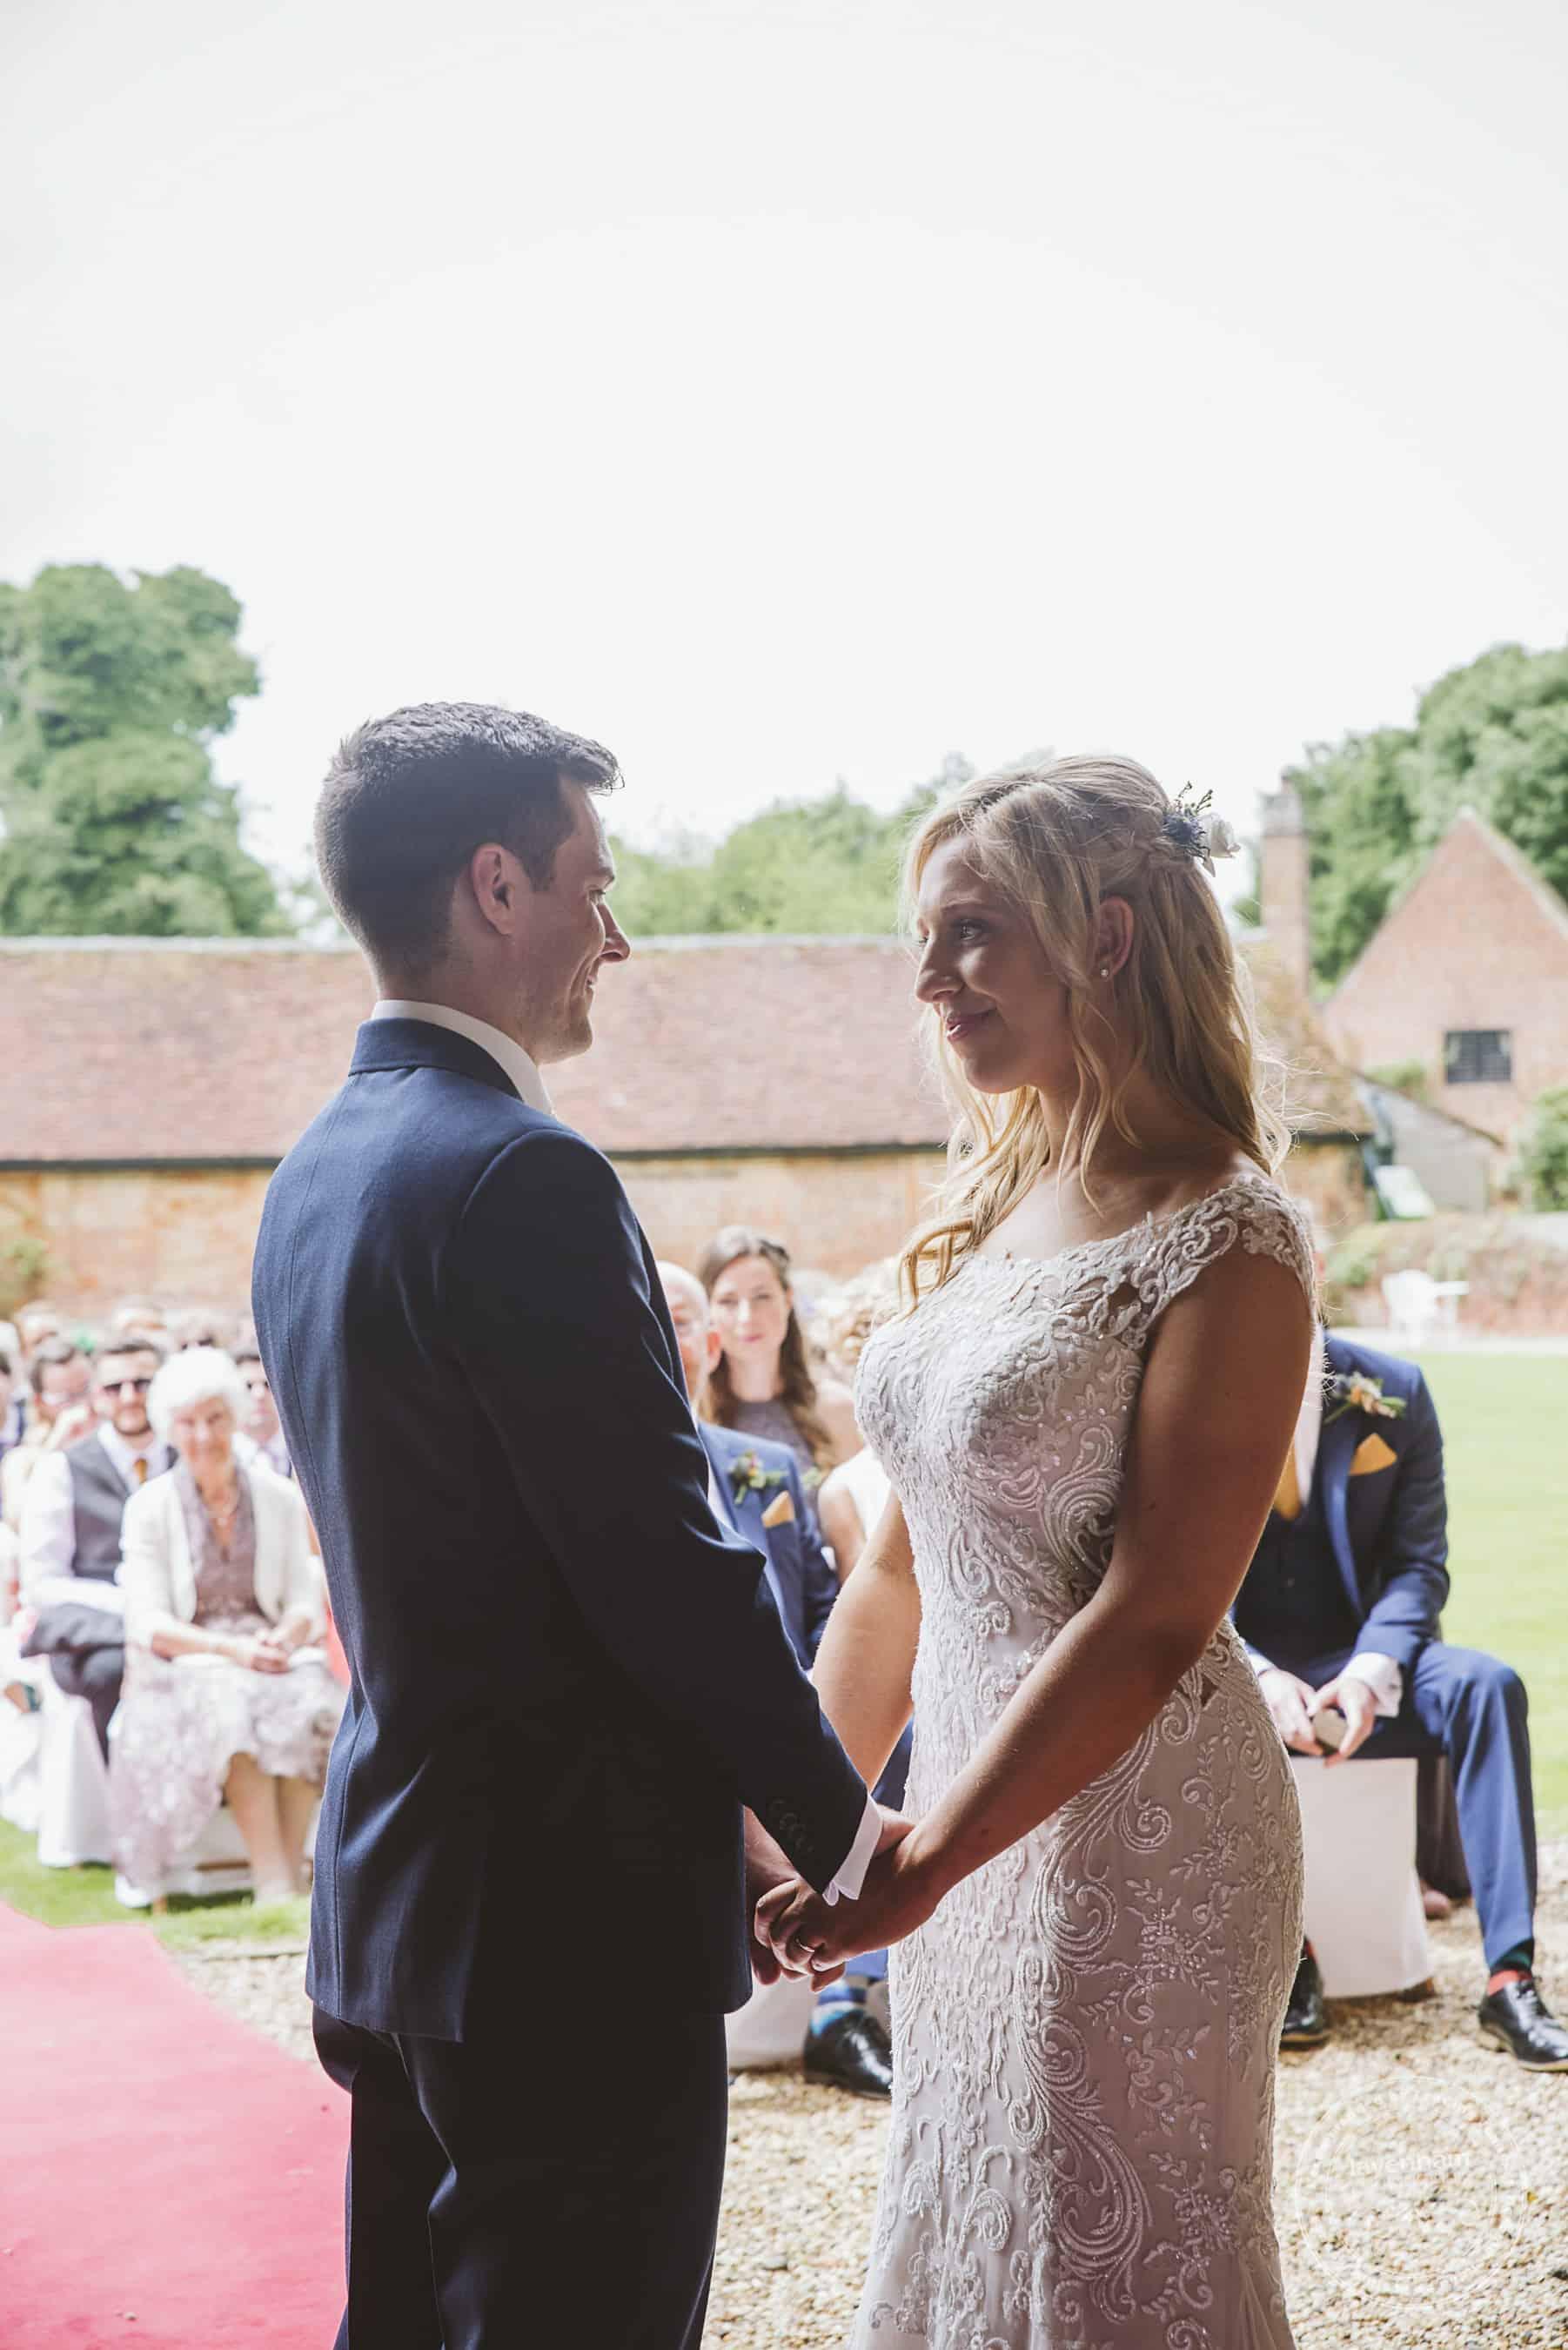 020618 Leez Priory Wedding Photography Lavenham Photographic 055